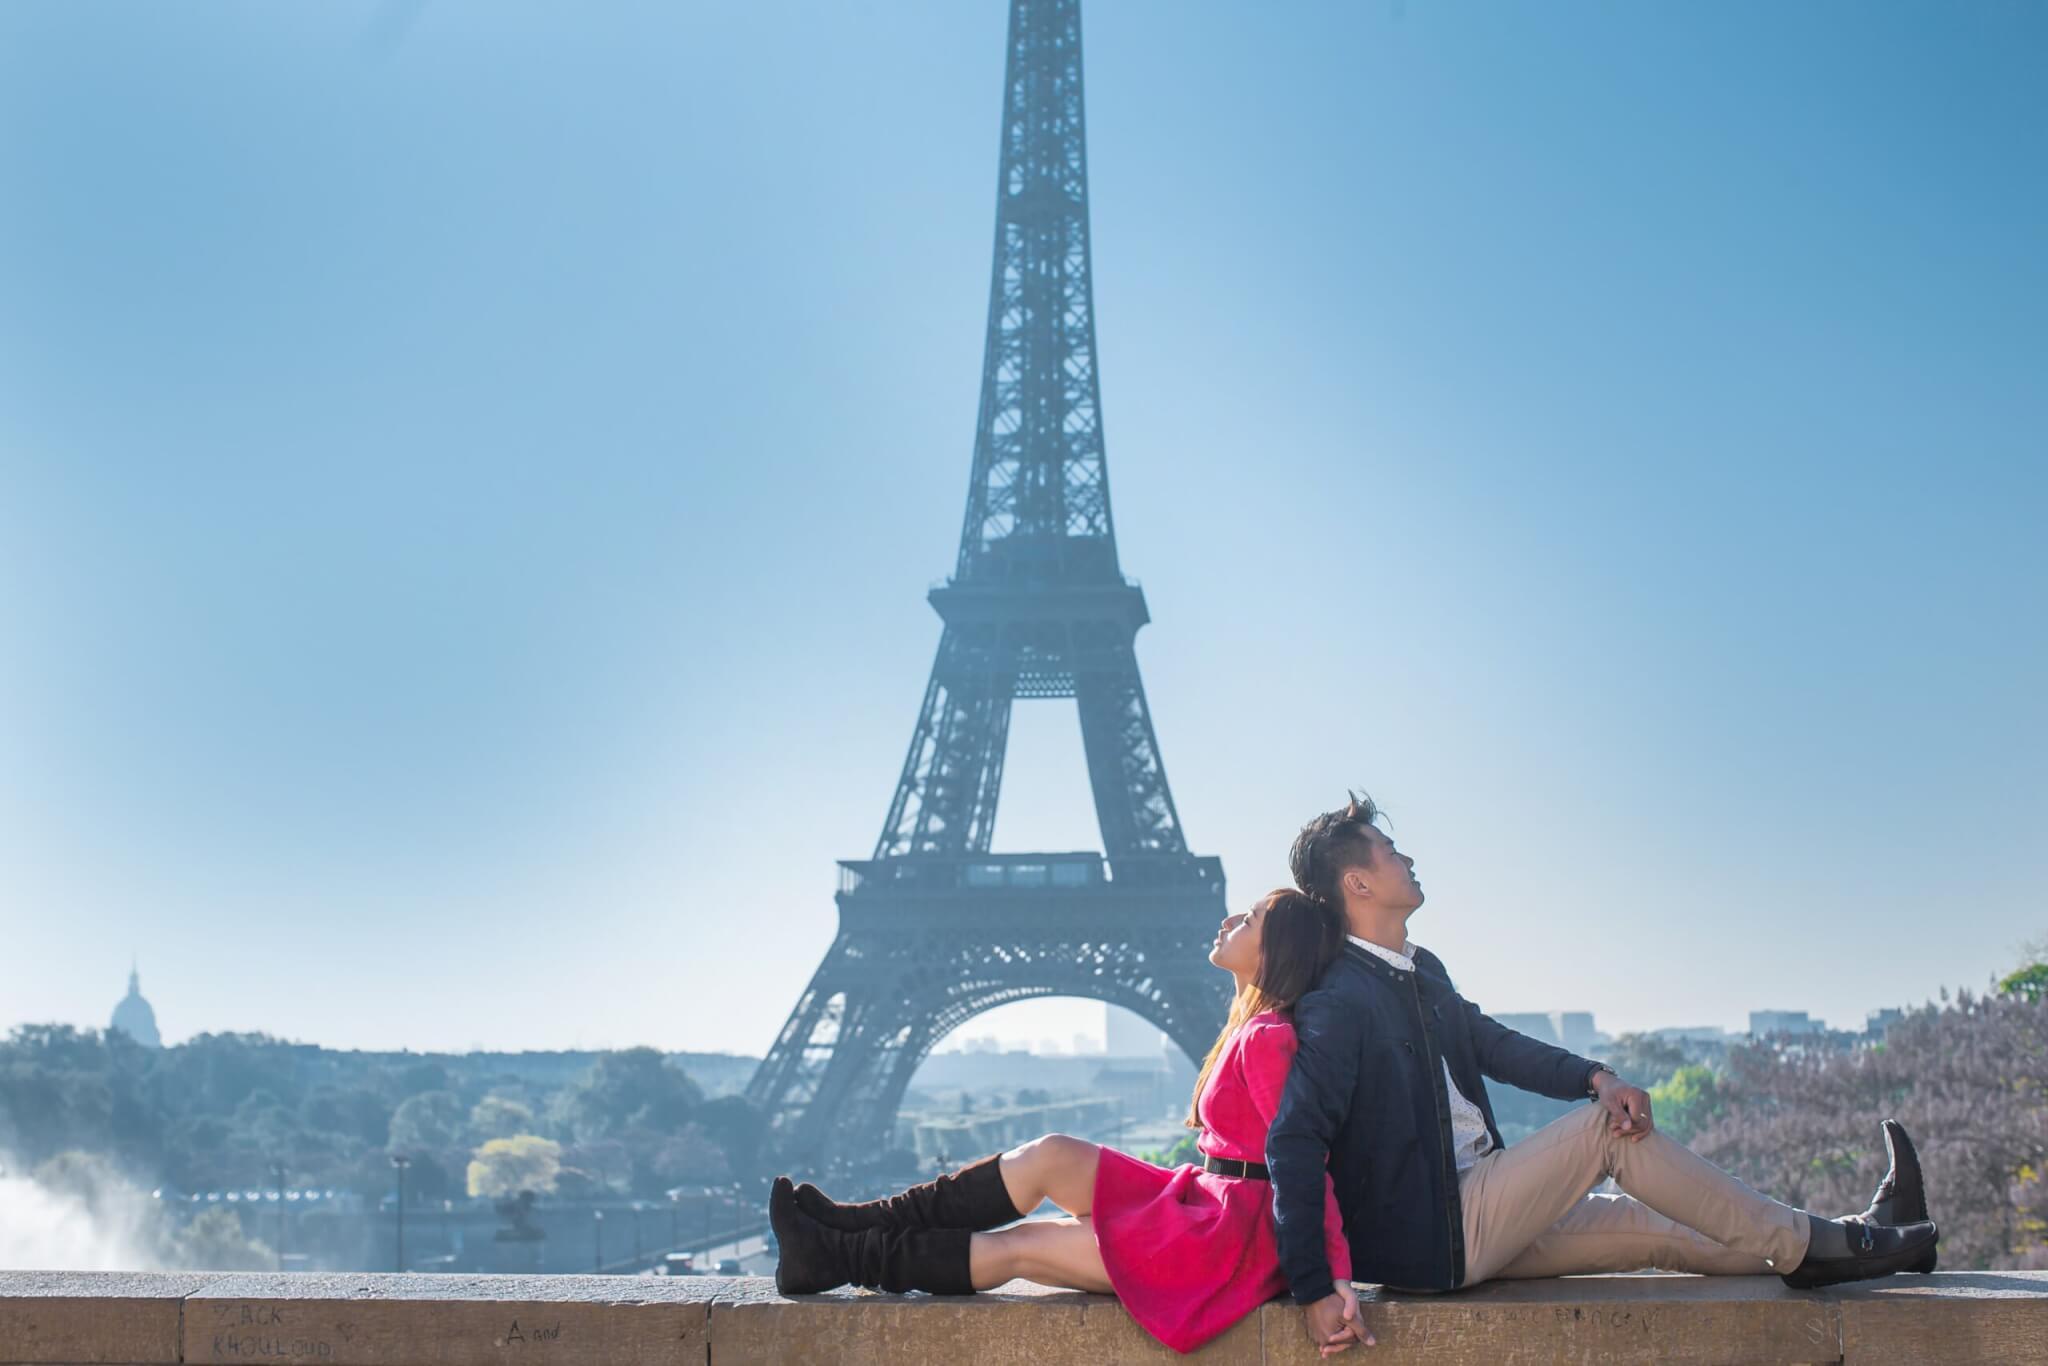 красивая пара на фоне эйфелевой башни